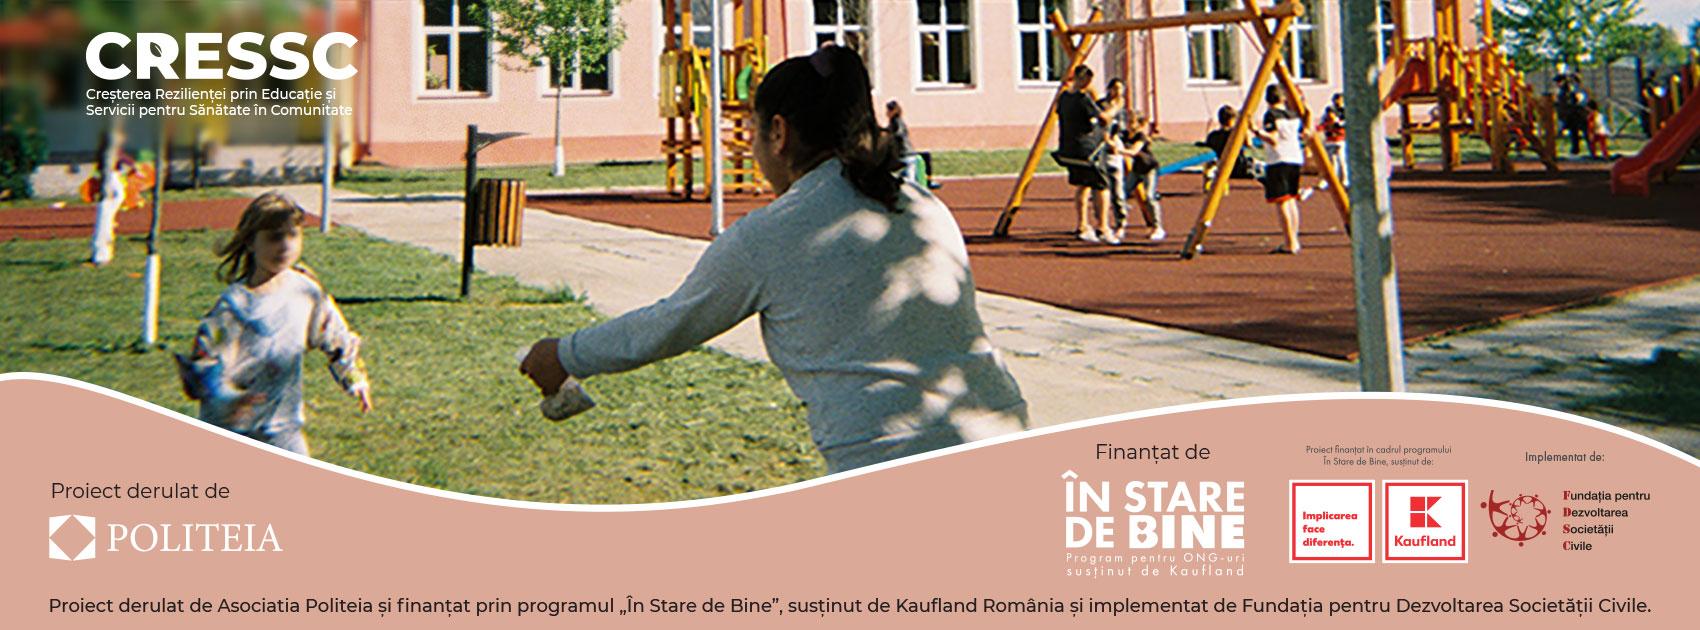 Acces la servicii de sănătate și educație pentru mame și copii din Dârvari, Ilfov